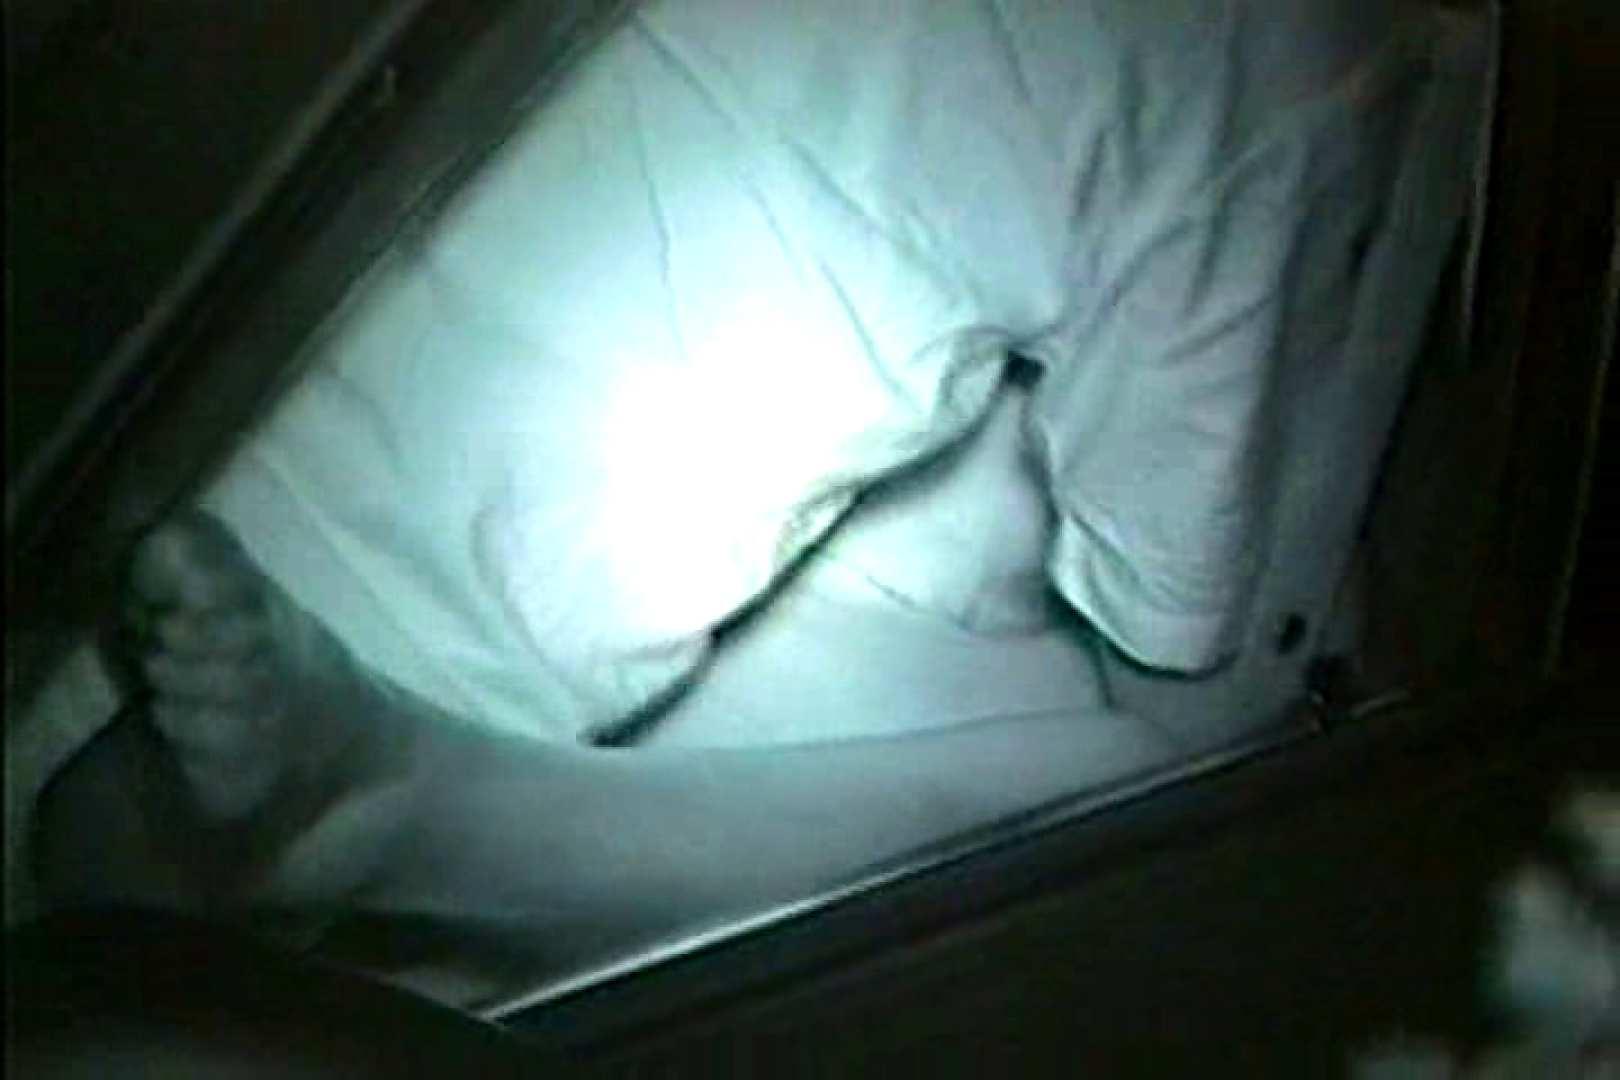 車の中はラブホテル 無修正版  Vol.6 カーセックス ワレメ動画紹介 89画像 53